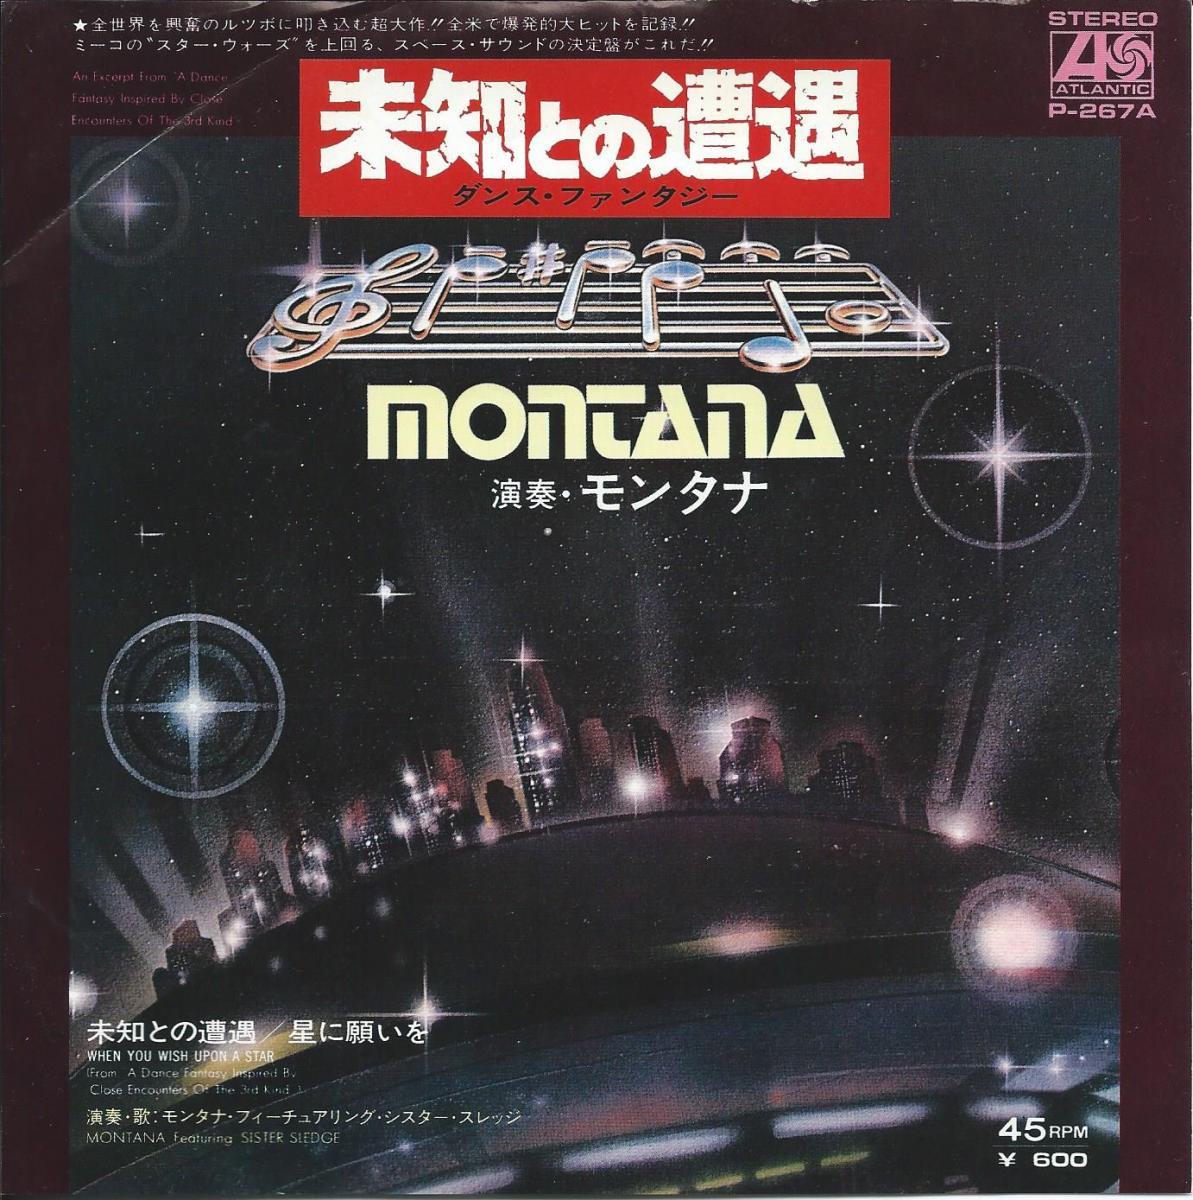 モンタナ MONTANA / 未知との遭遇 / ダンス・ファンタジー DANCE FANTASY (7